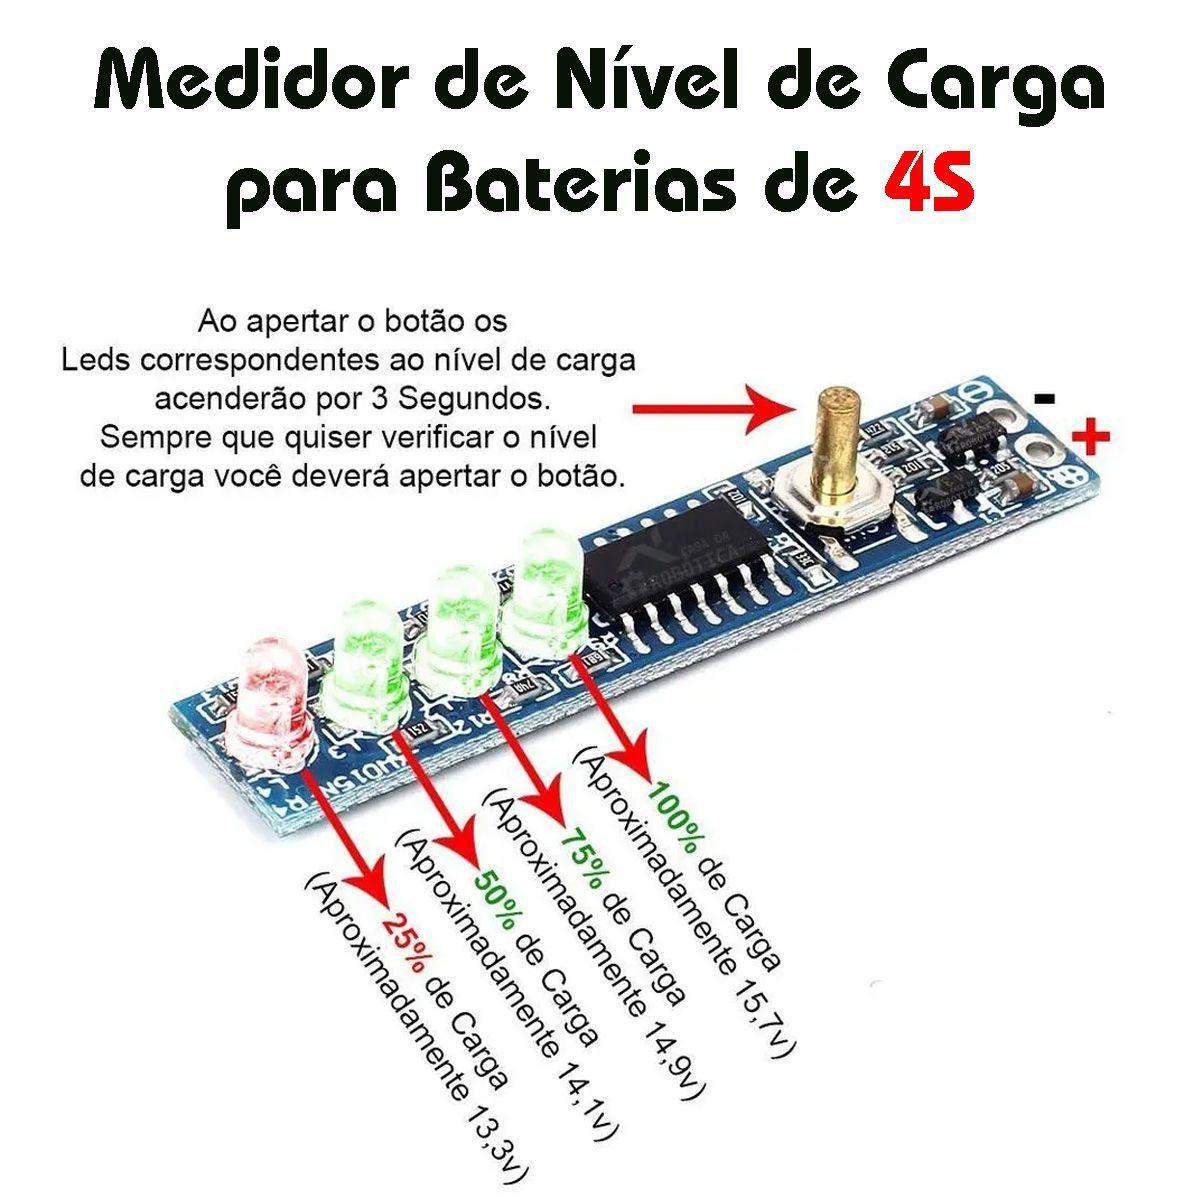 2x Voltímetro Indicador de Nível de Carga para Baterias 4S 16,8V